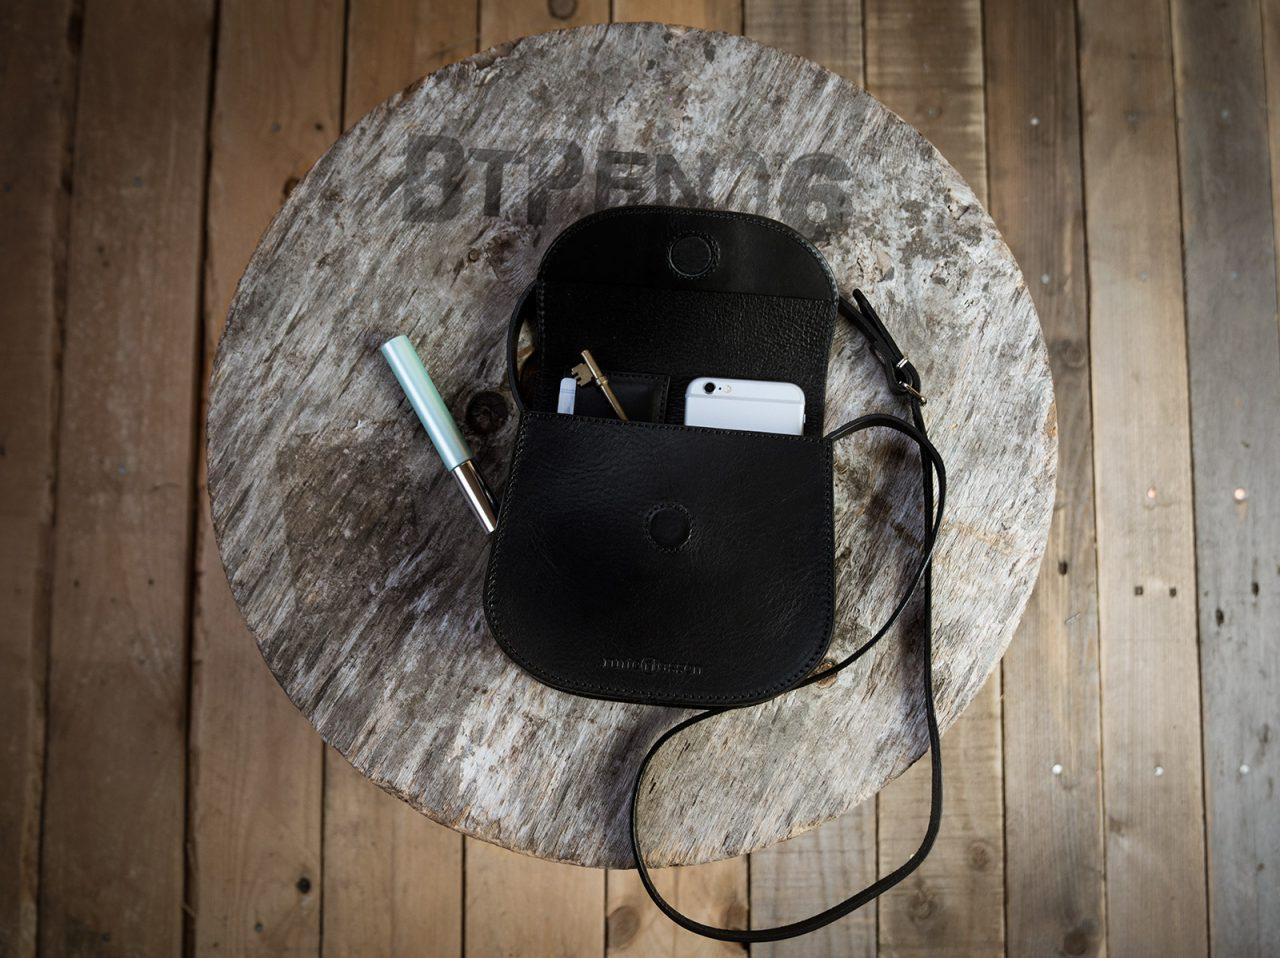 Petit sac noir ouvert avec accessoires.